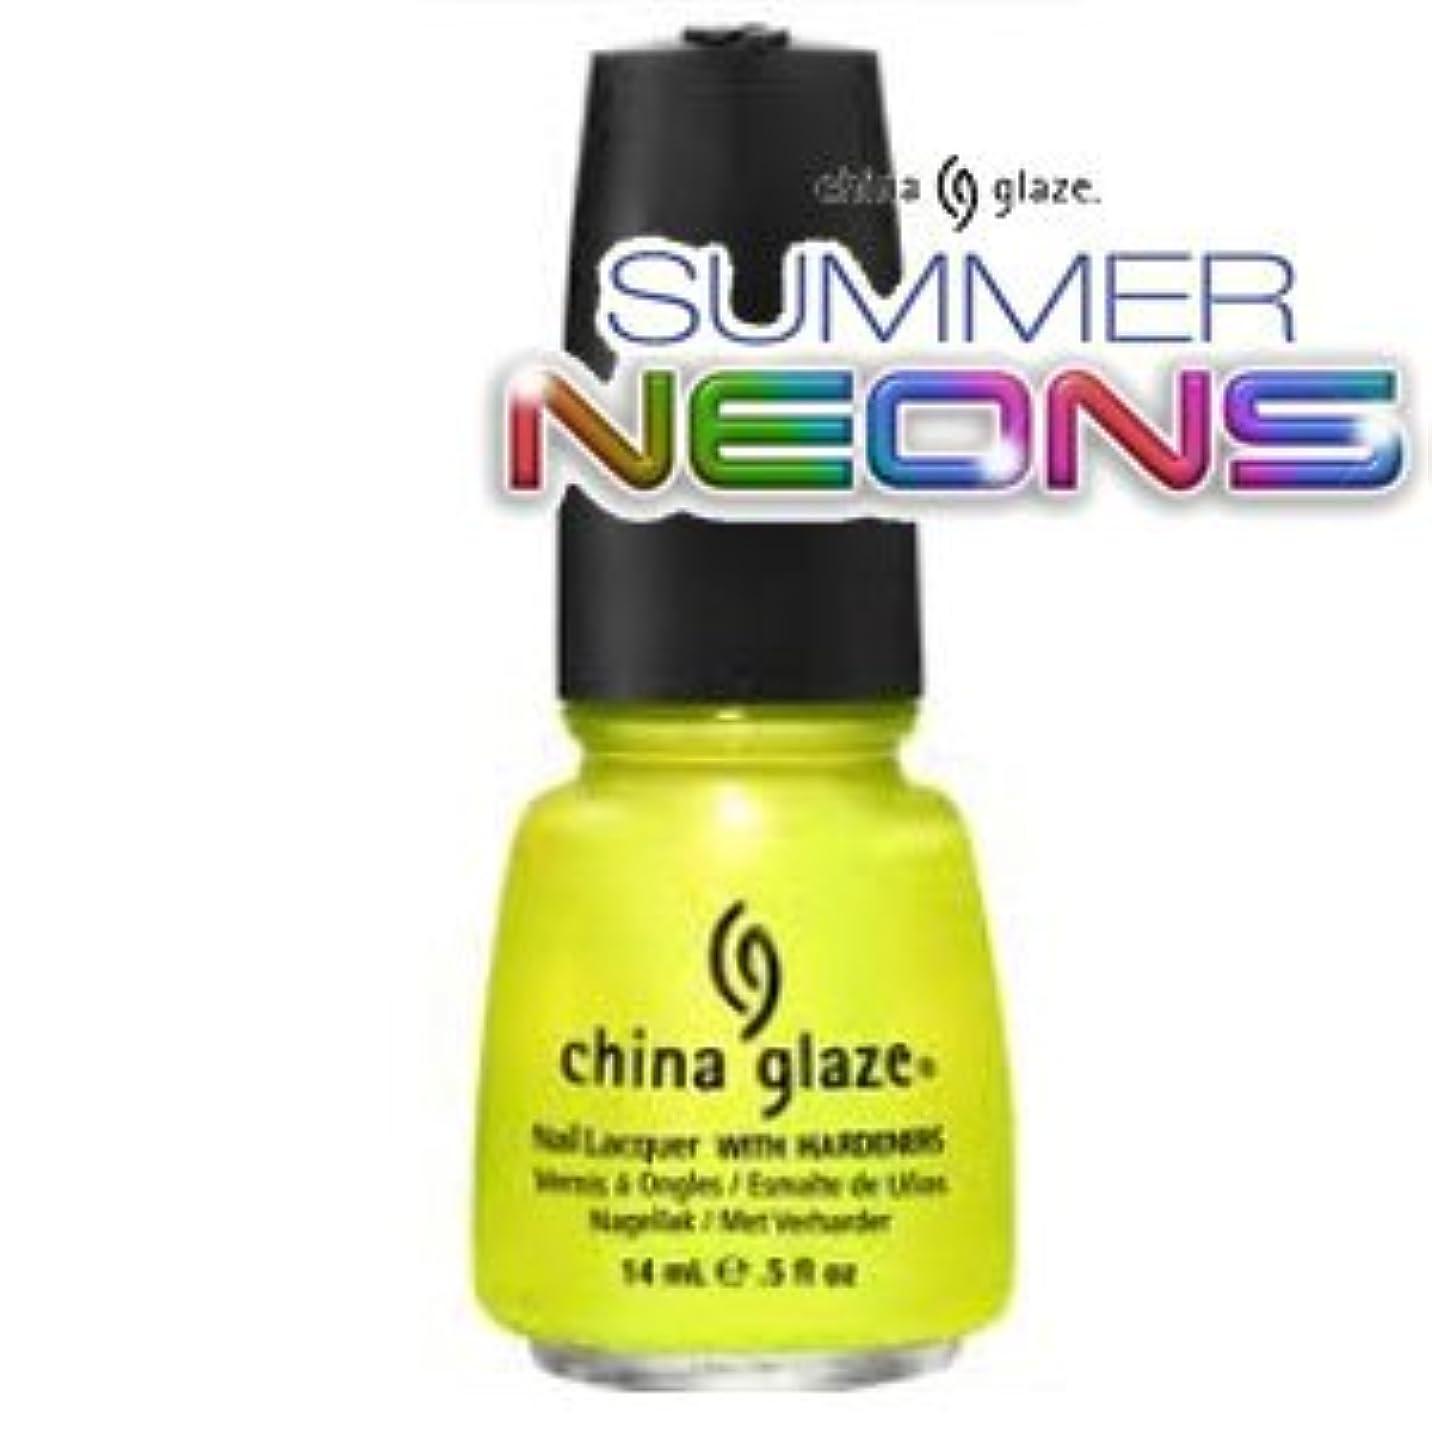 換気習字考え(チャイナグレイズ)China Glaze Sun Kissedーサマーネオン コレクション [海外直送品][並行輸入品]